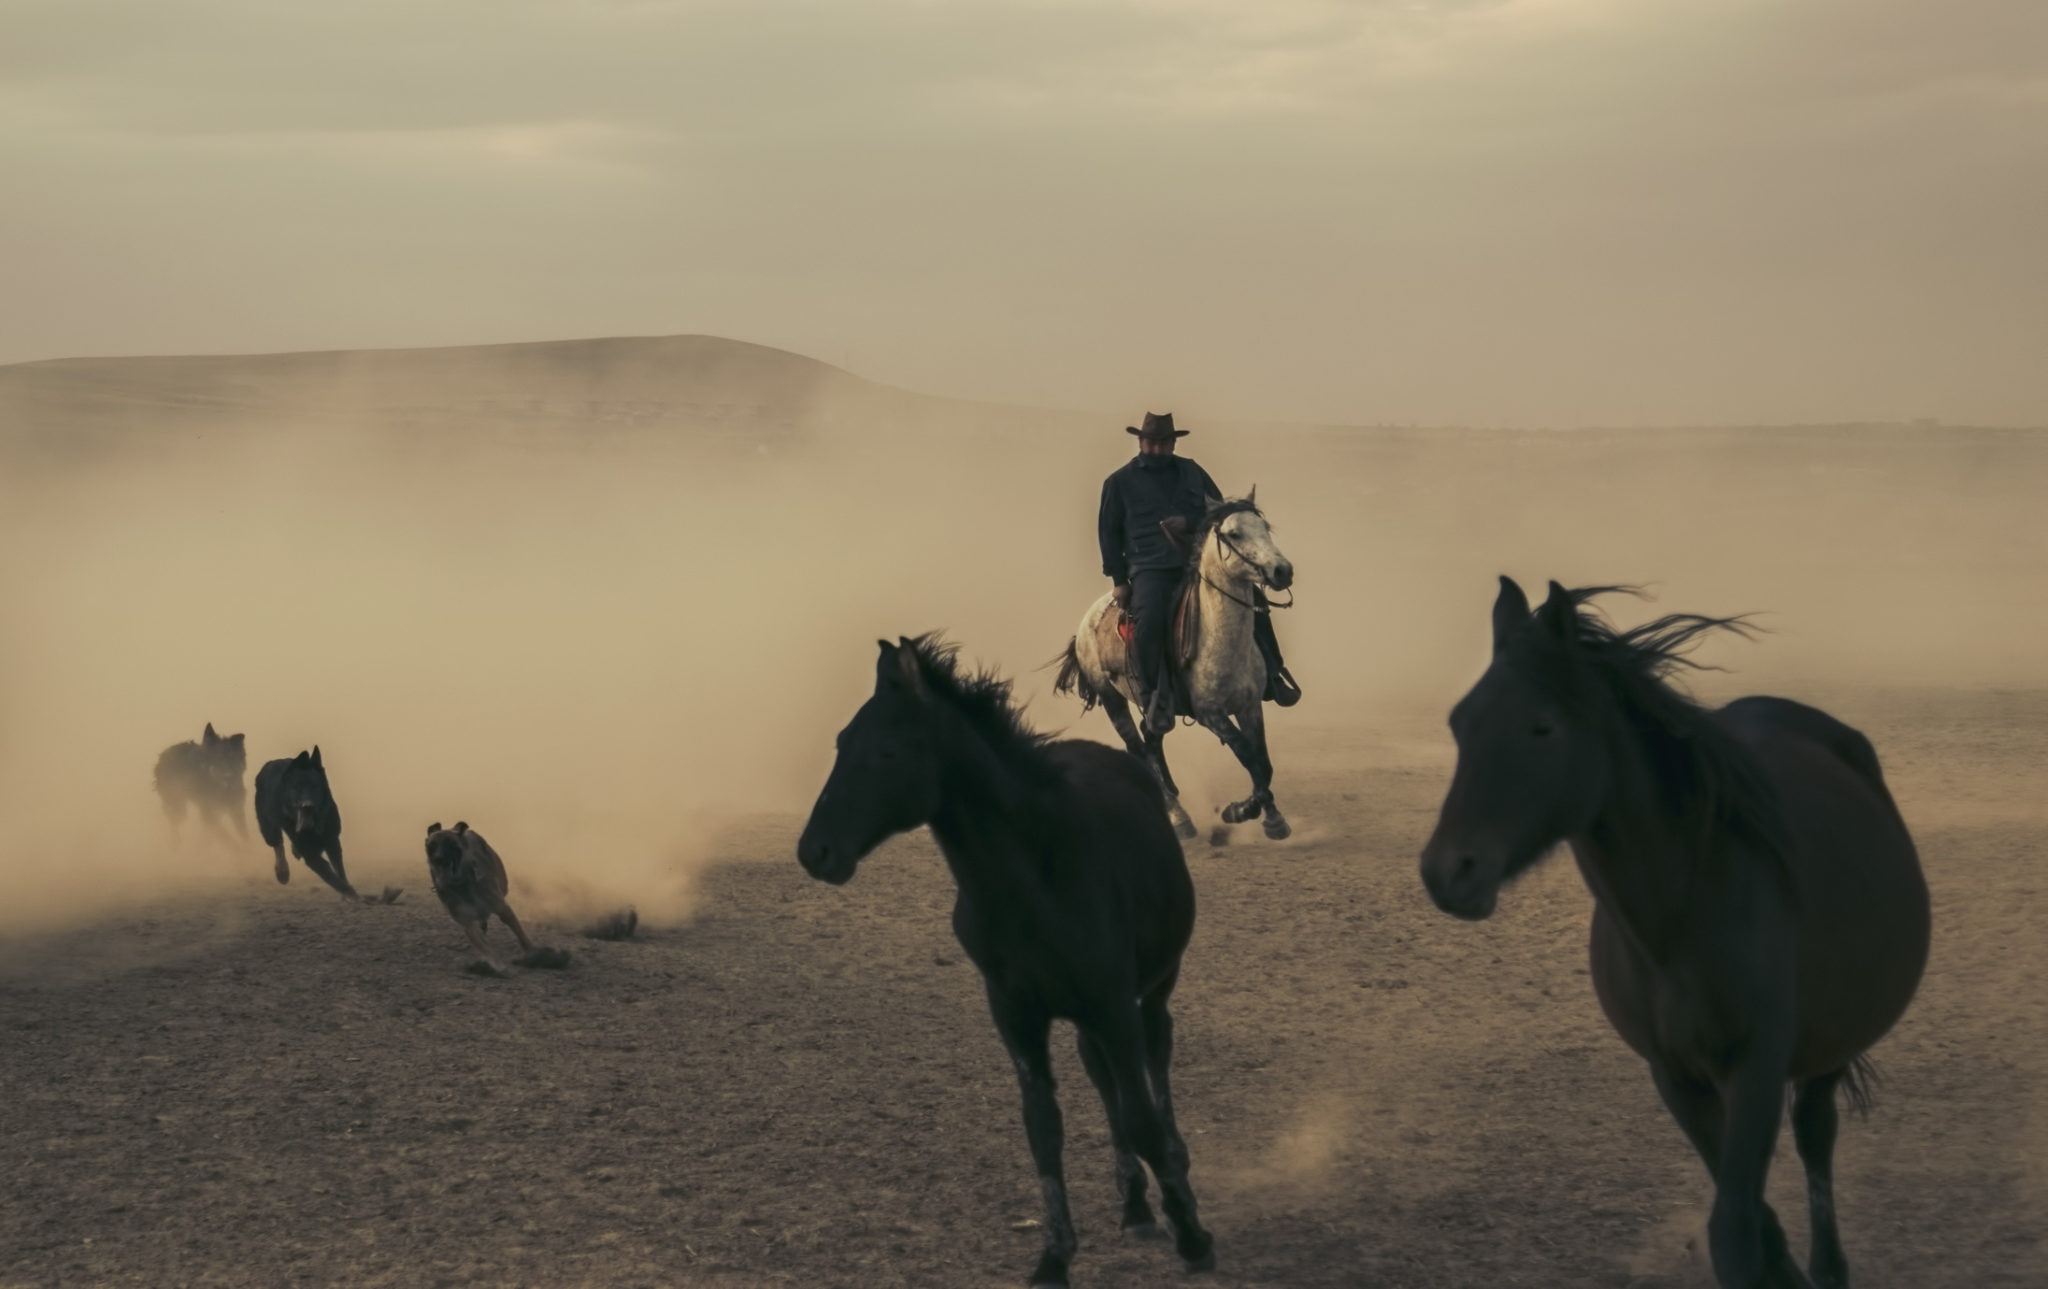 Yılkı Atları Fotoğrafları www.cekergezer.com ÇekerGezeR Hakan Aydın